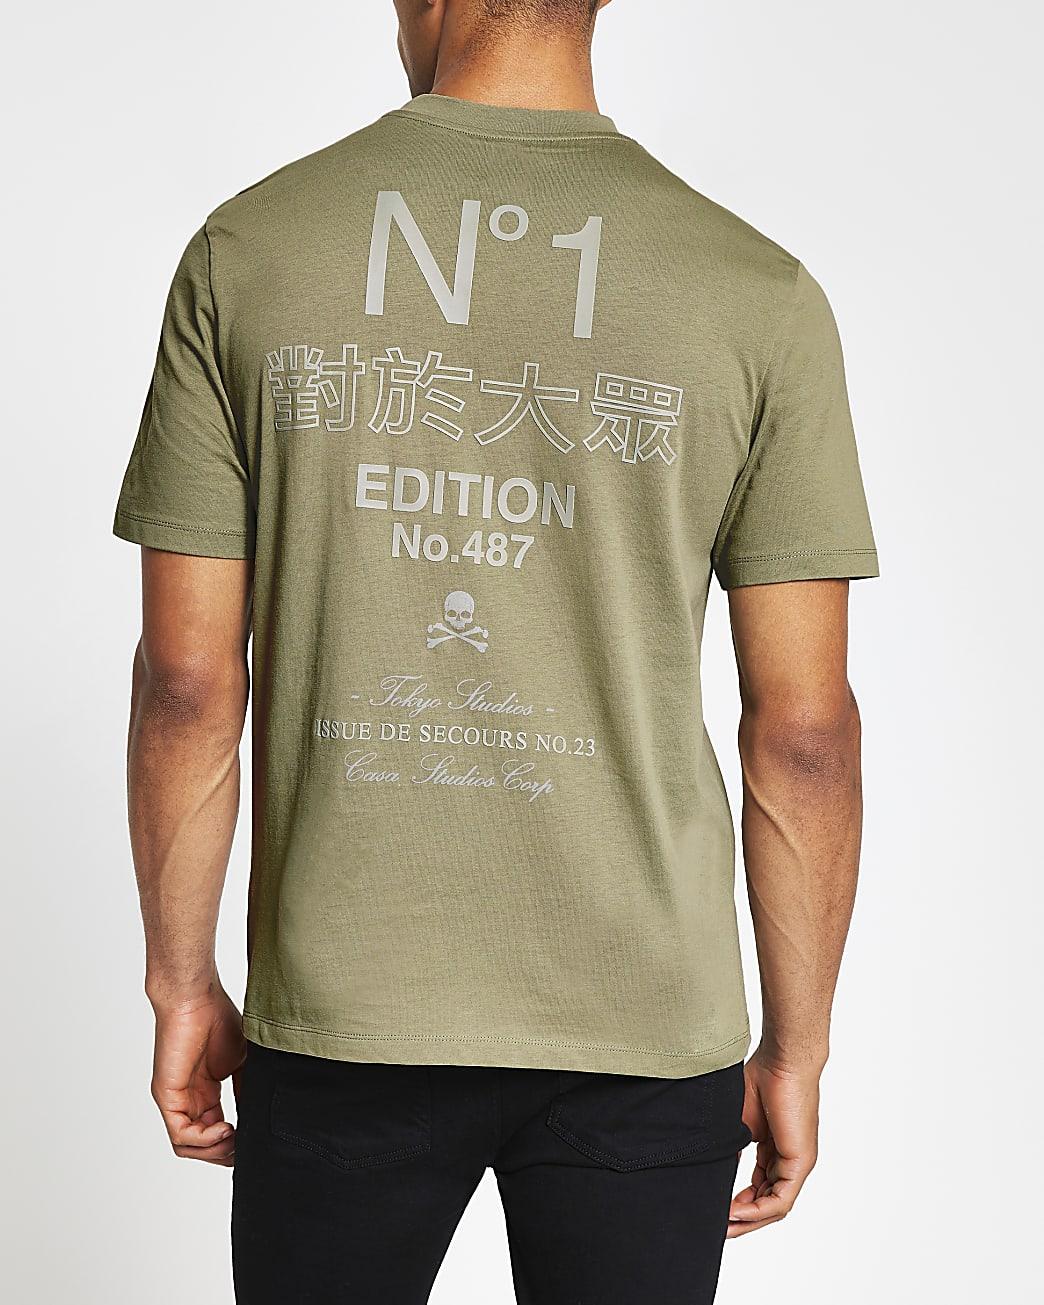 Khaki short sleeve graphic t-shirt